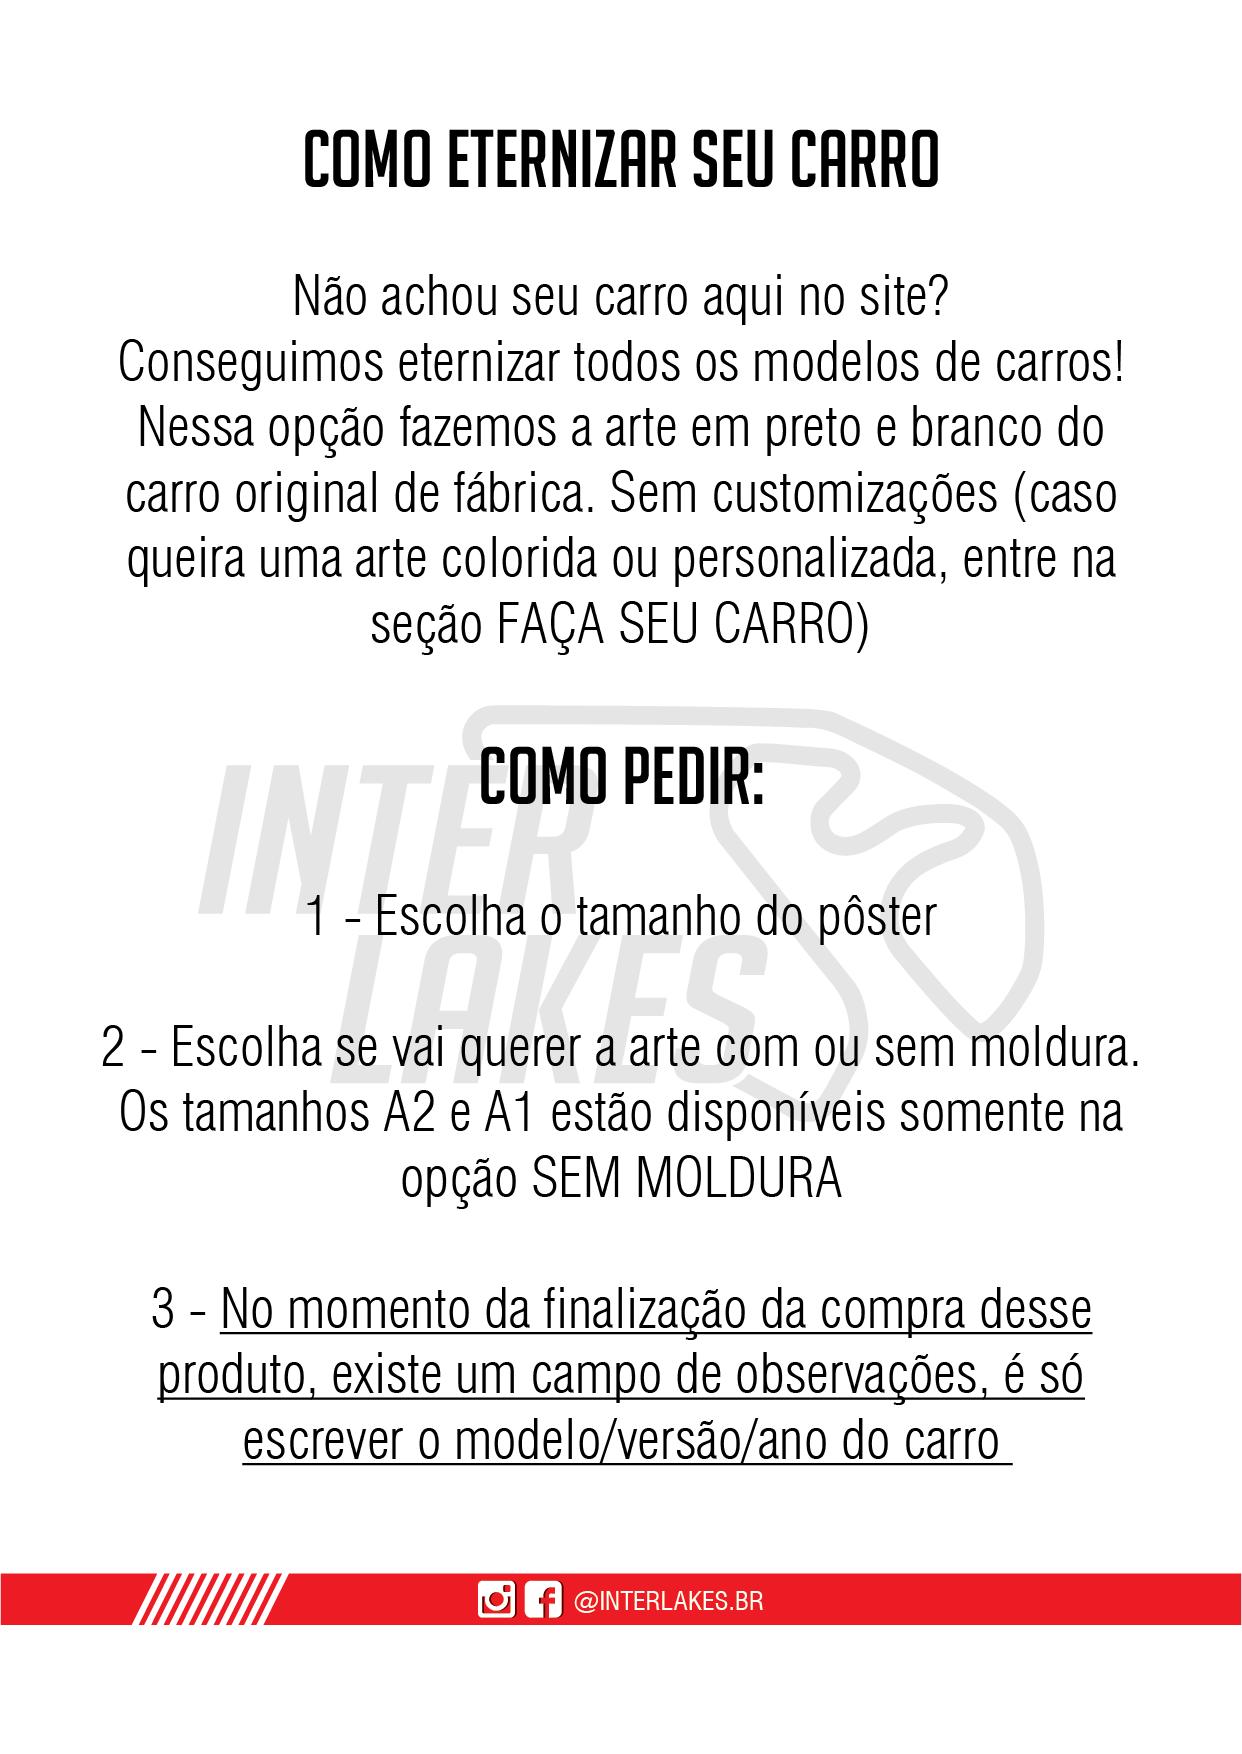 FAÇA SEU CARRO